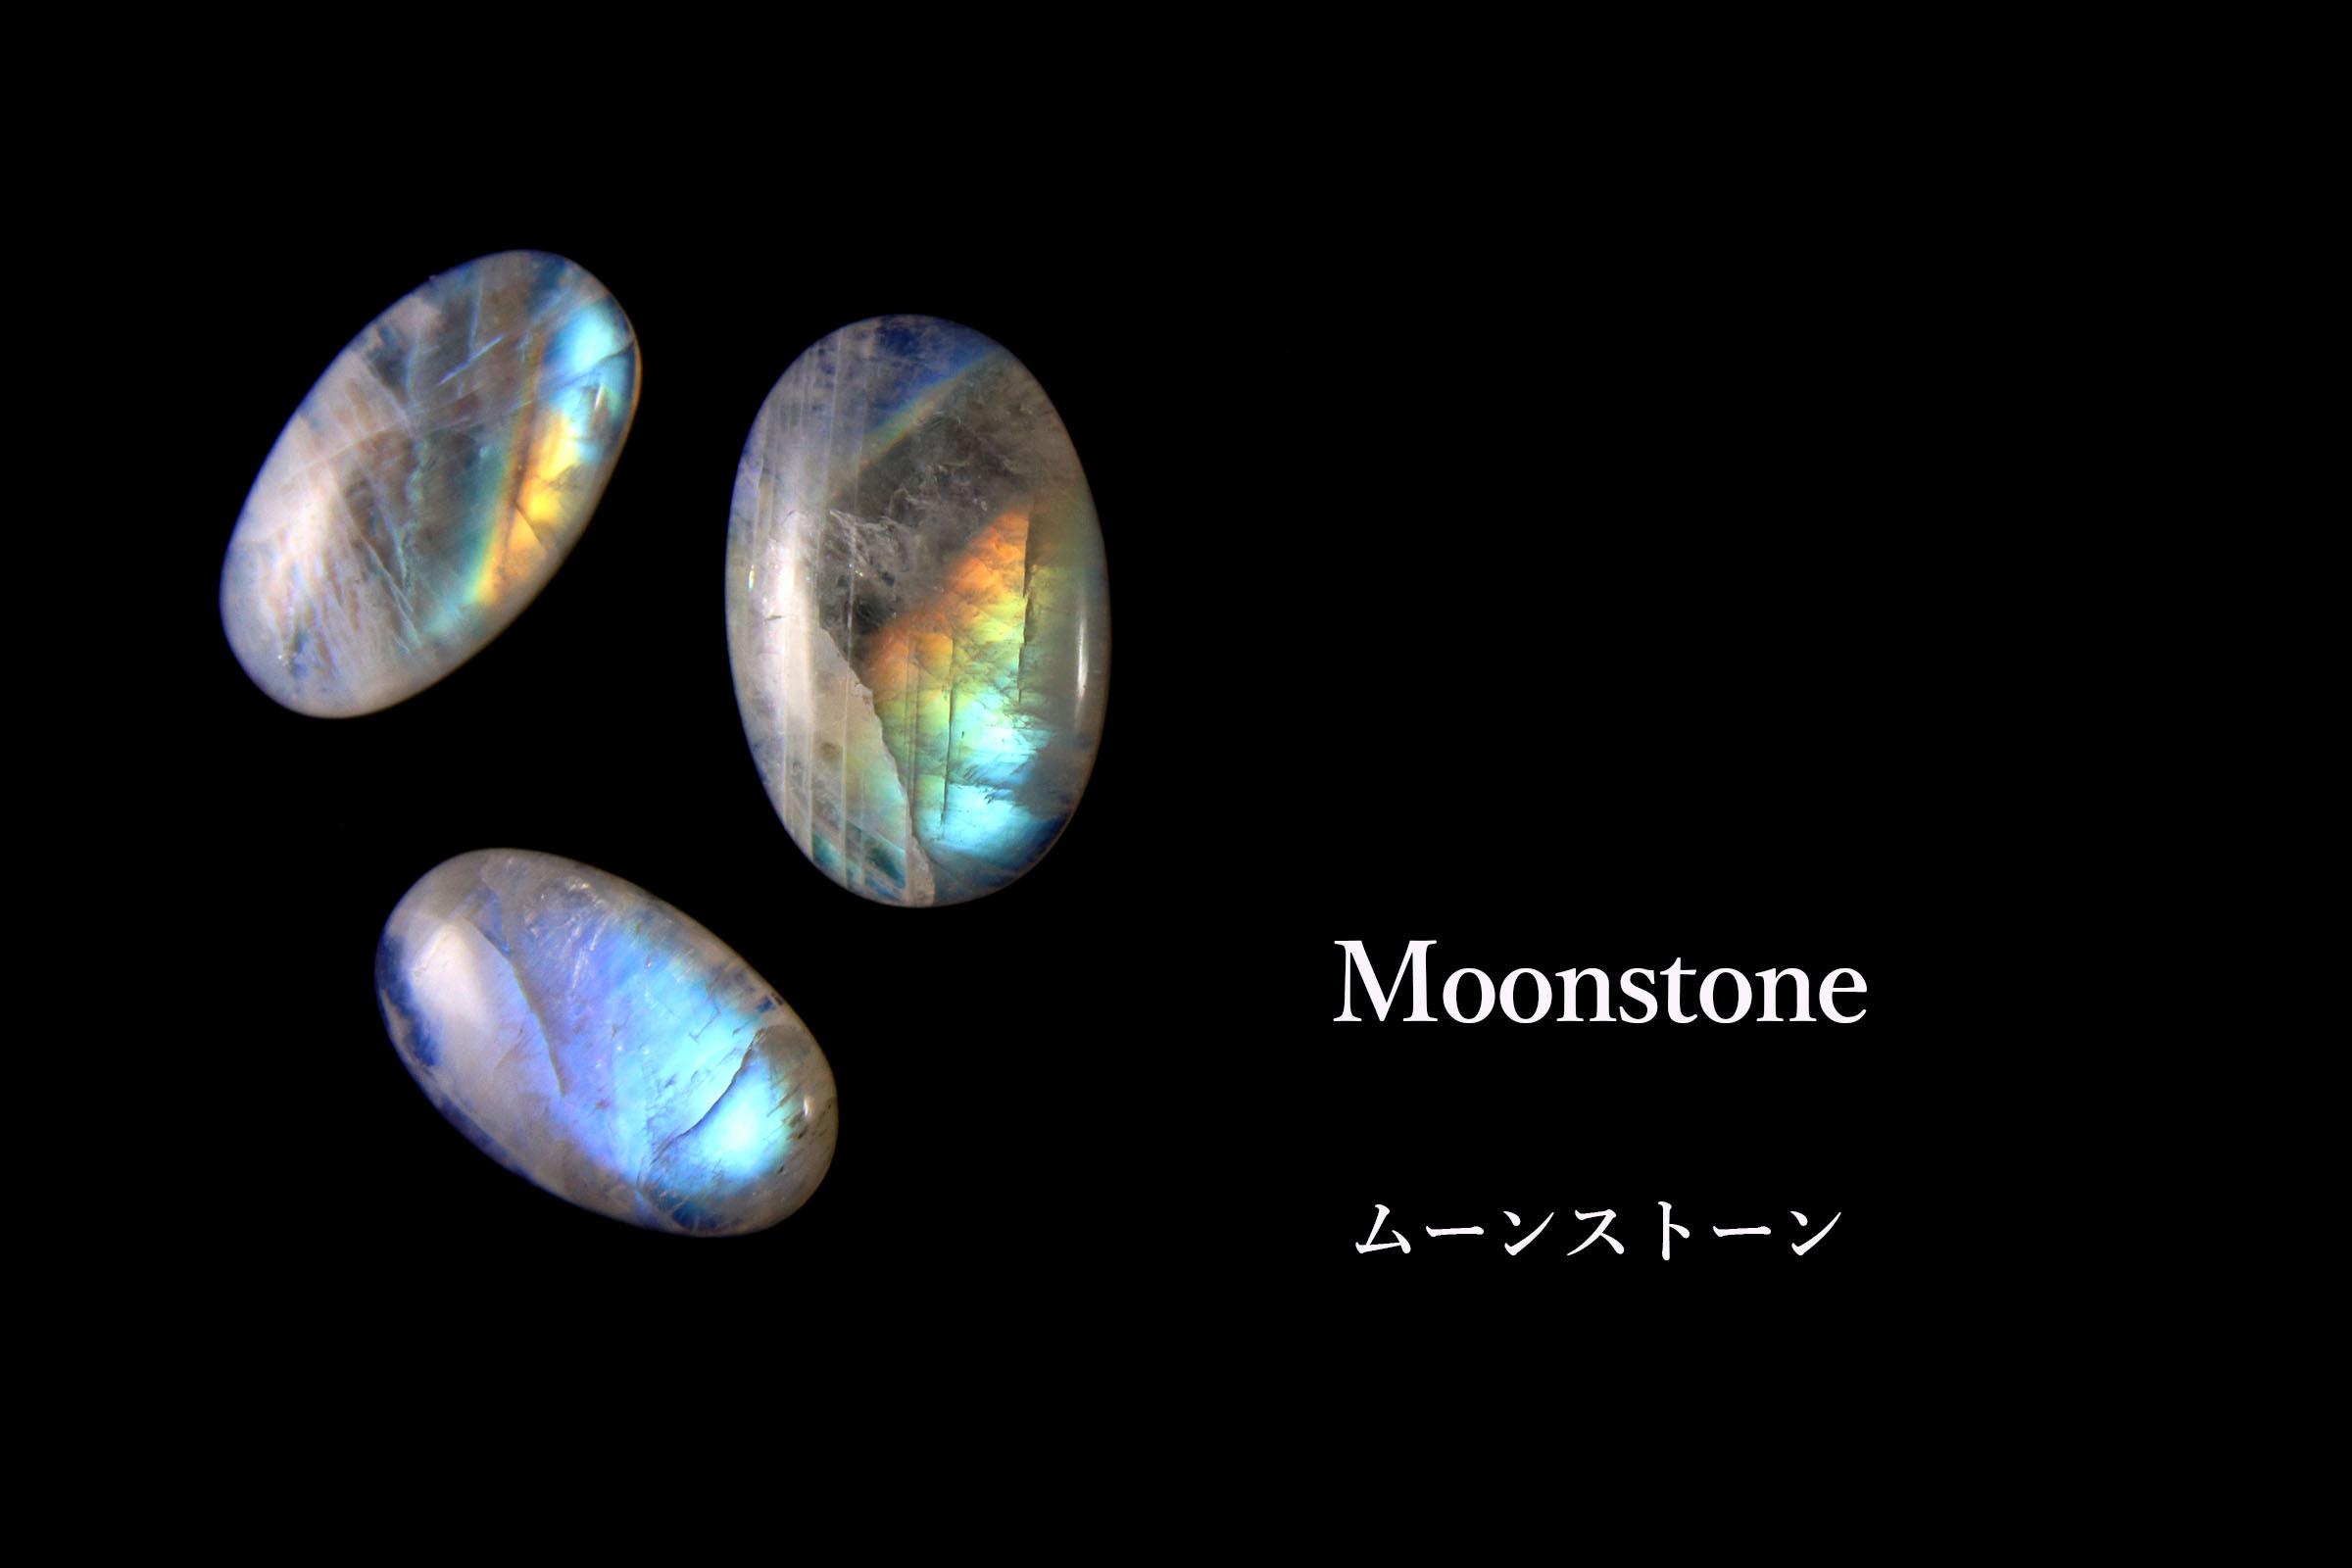 ムーンストーン